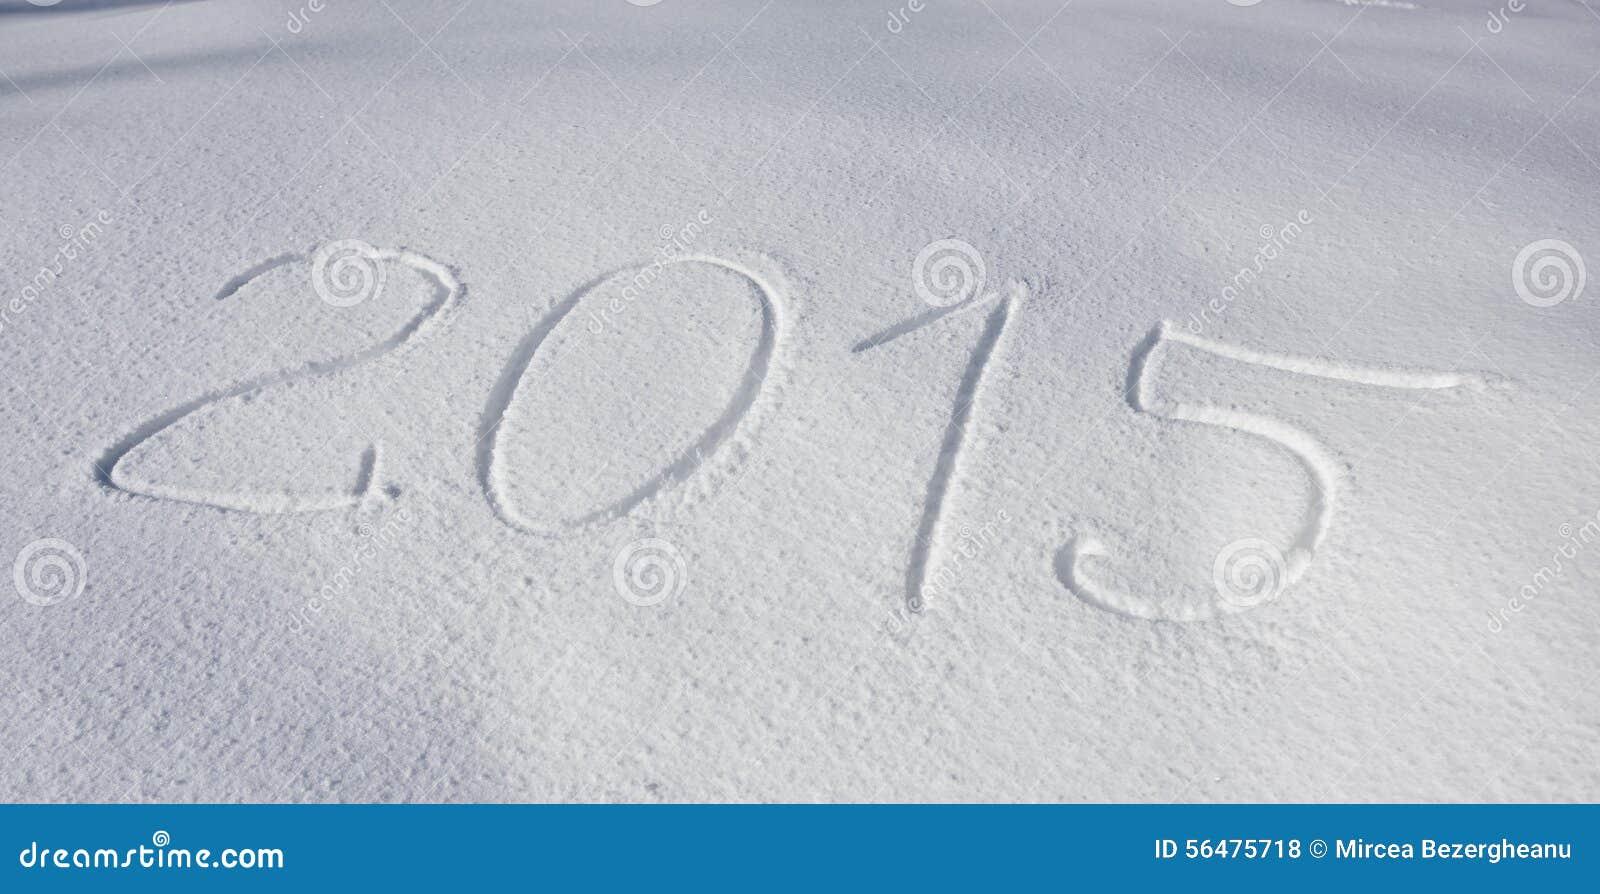 Année 2015 écrite au-dessus de la neige